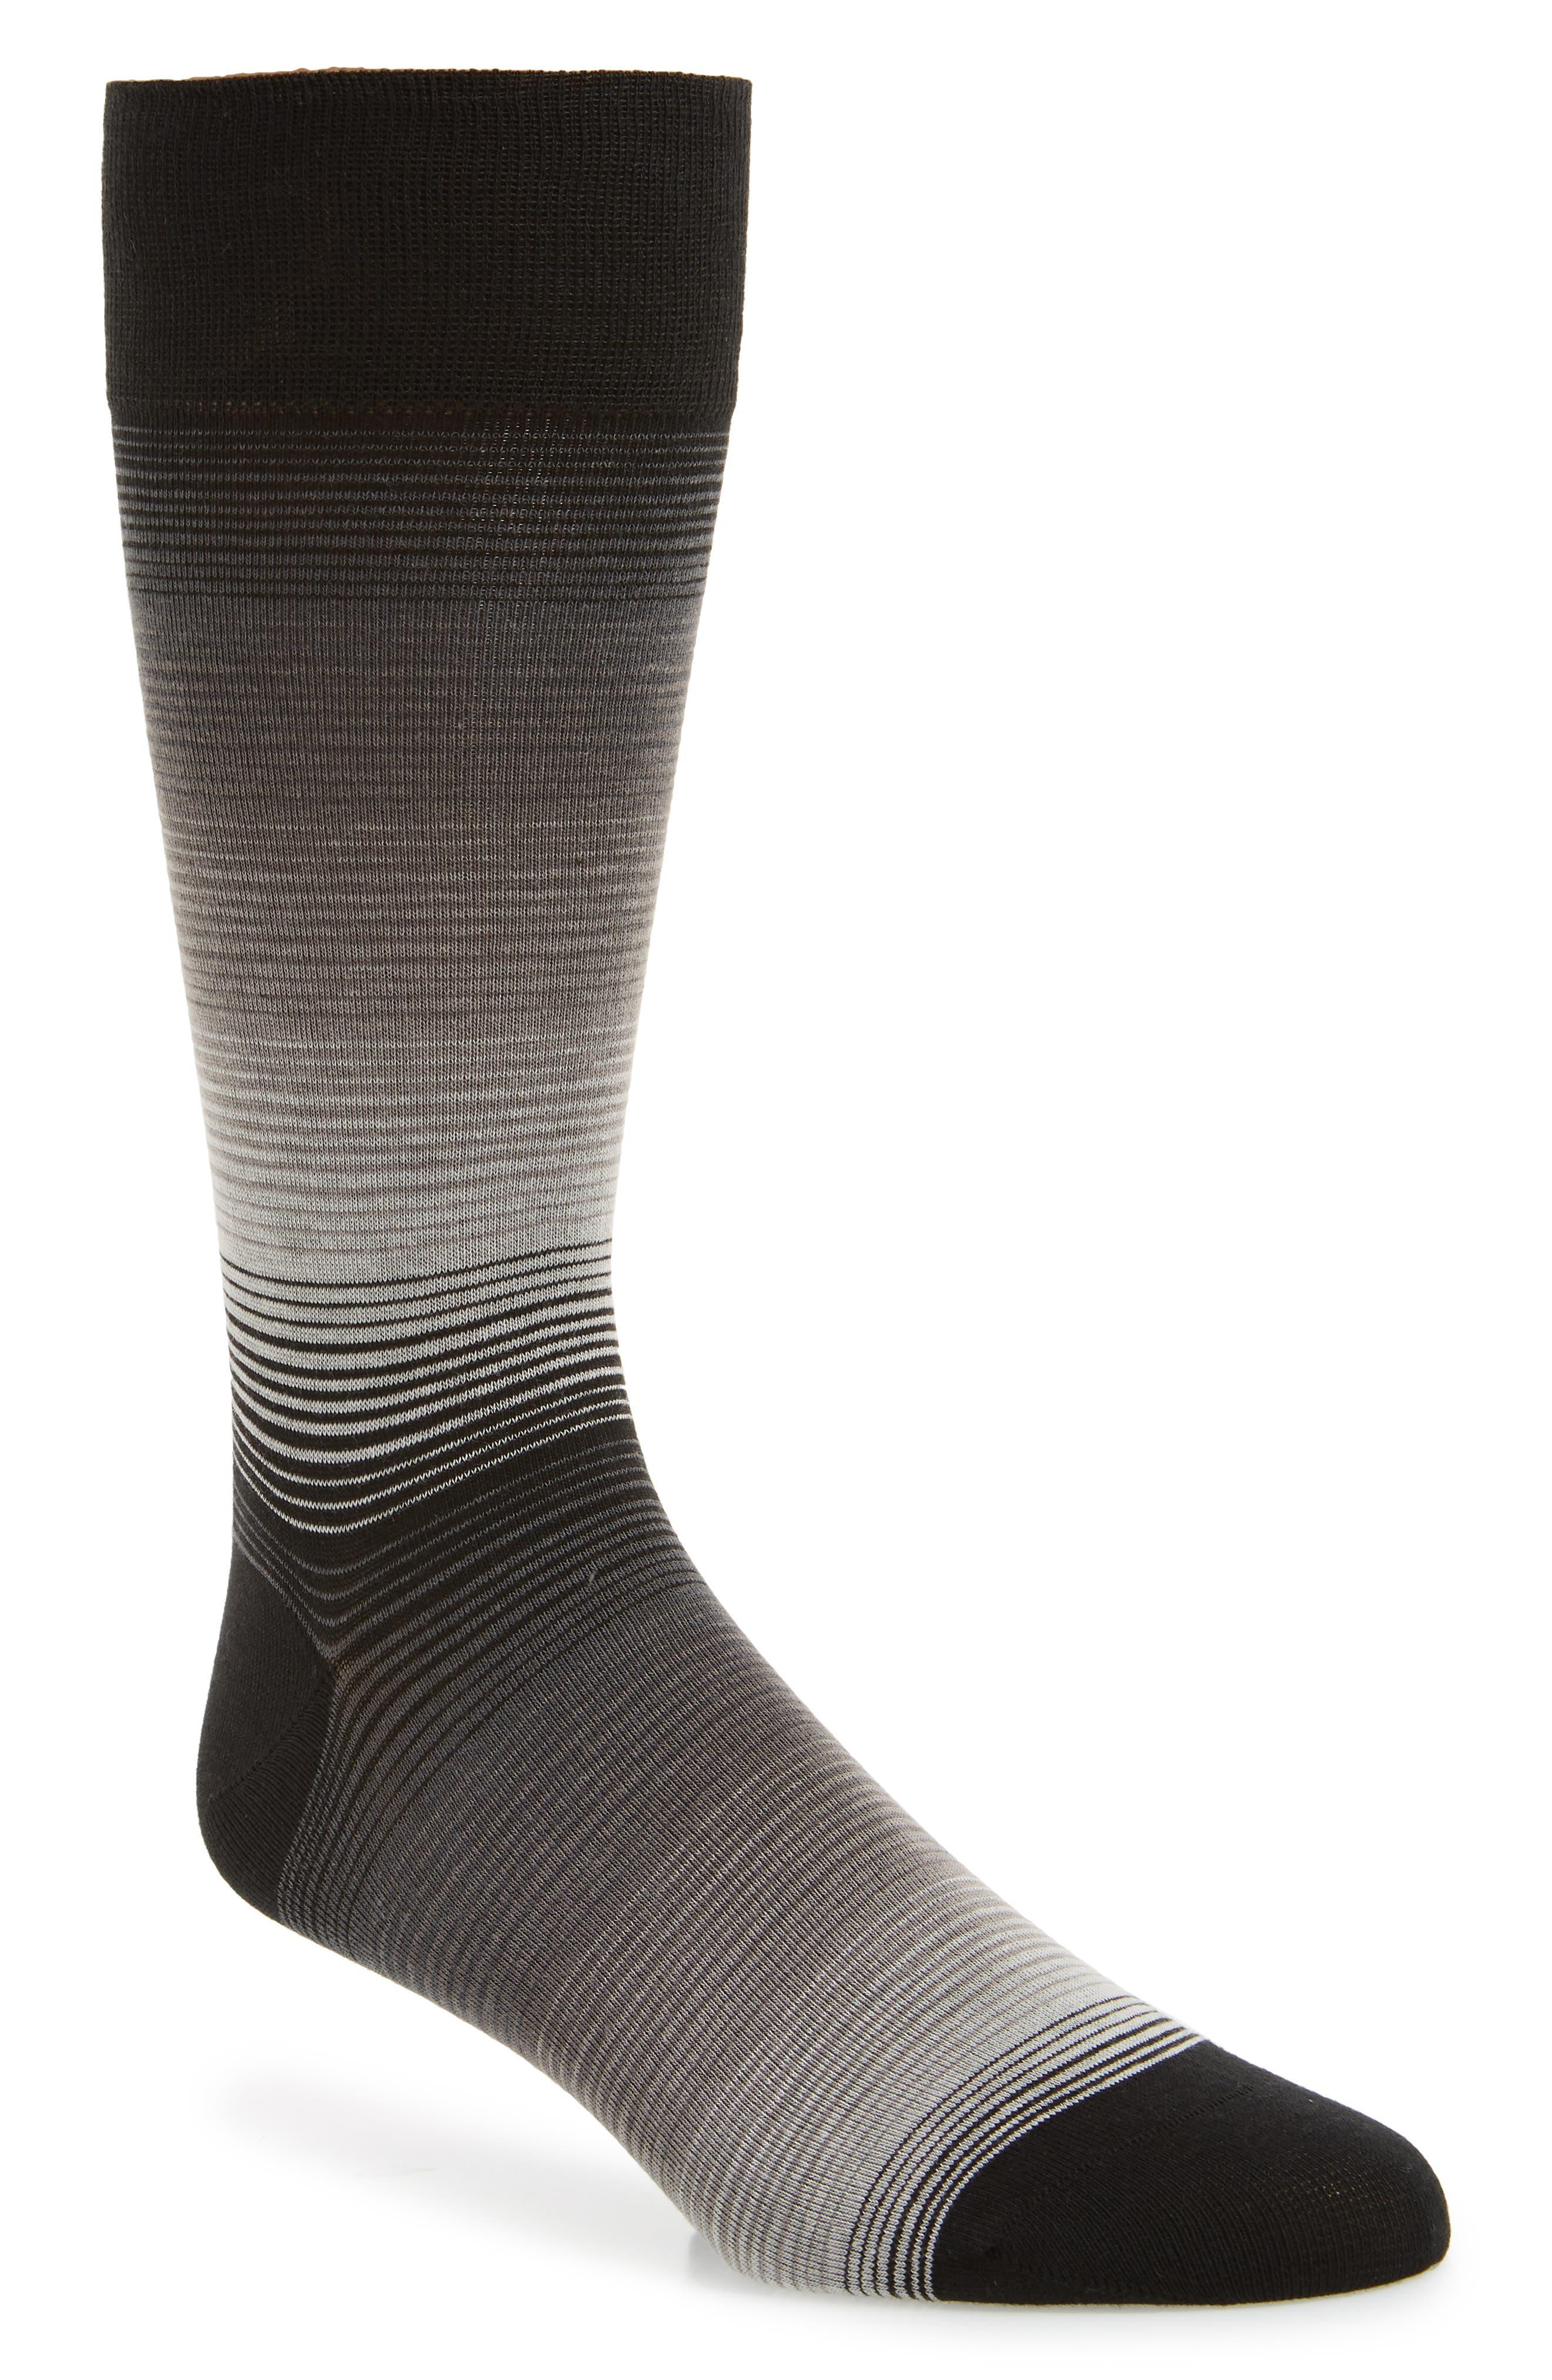 Gradient Stripe Socks,                         Main,                         color, BLACK